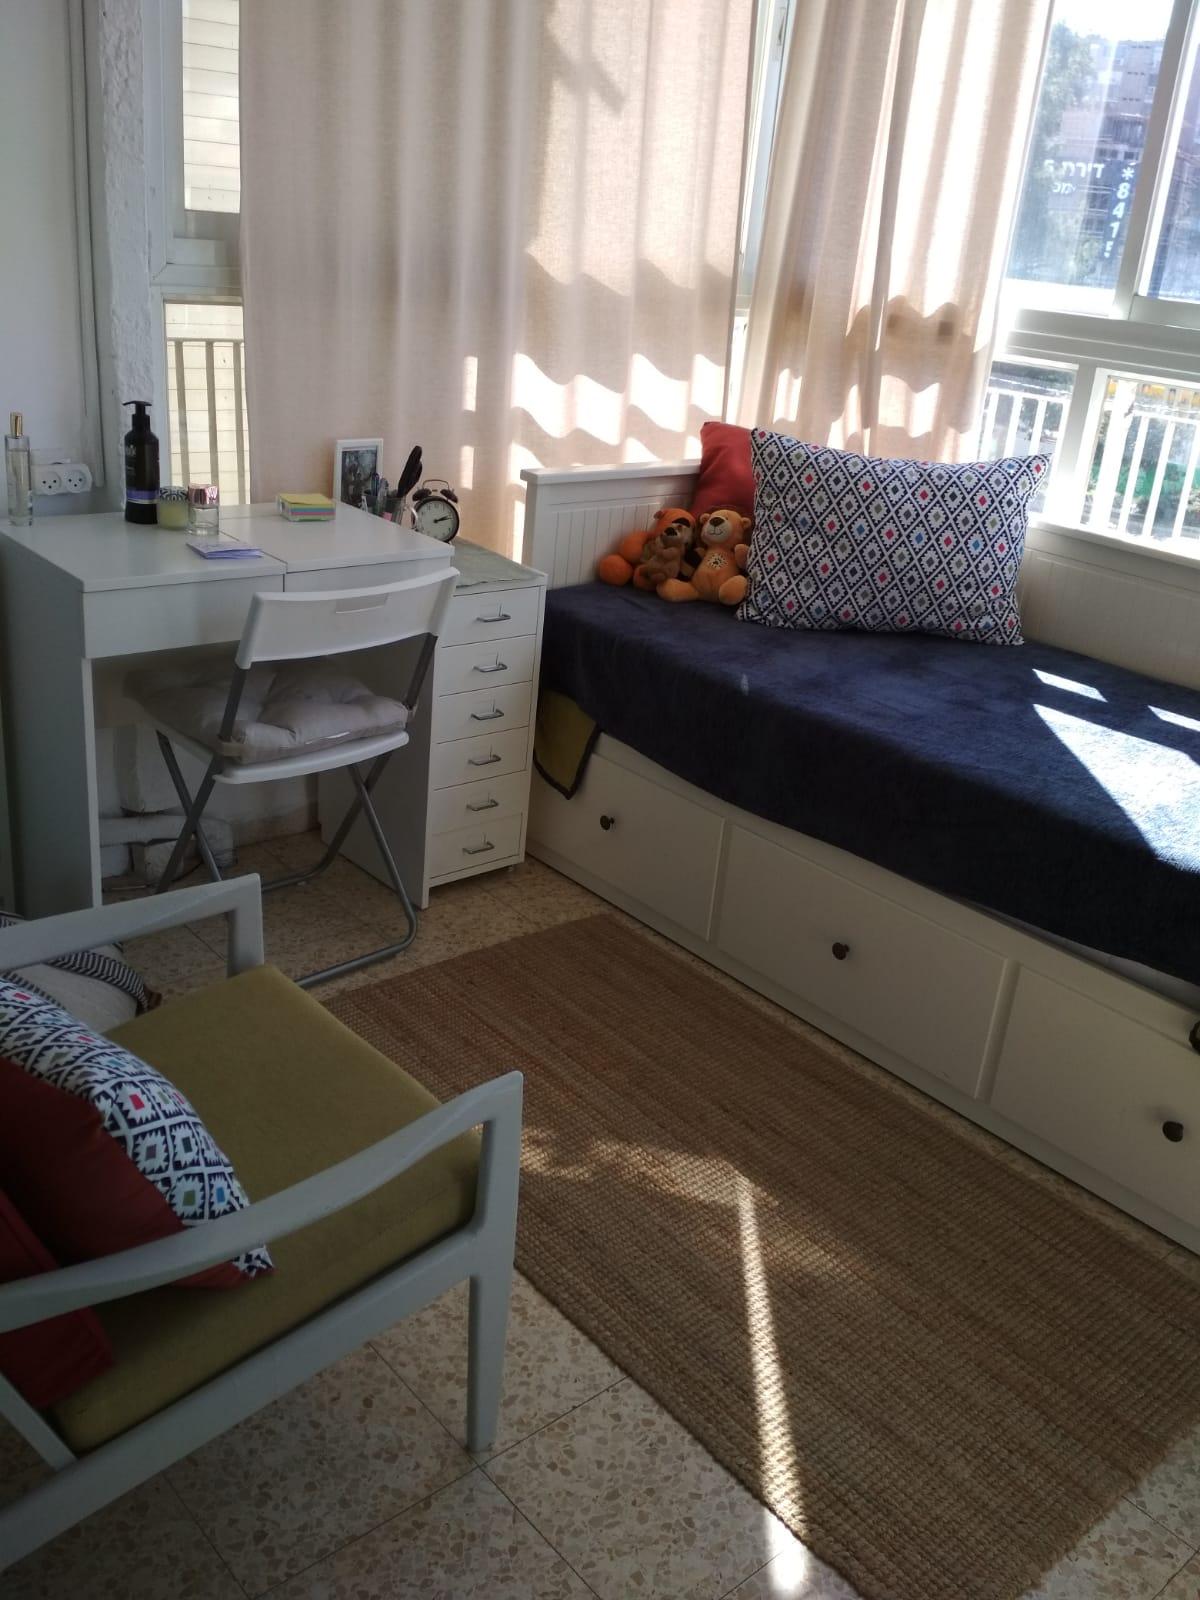 דירת 3 וחצי חדרים מרווחת. קומה 1 בשכונת רסקו